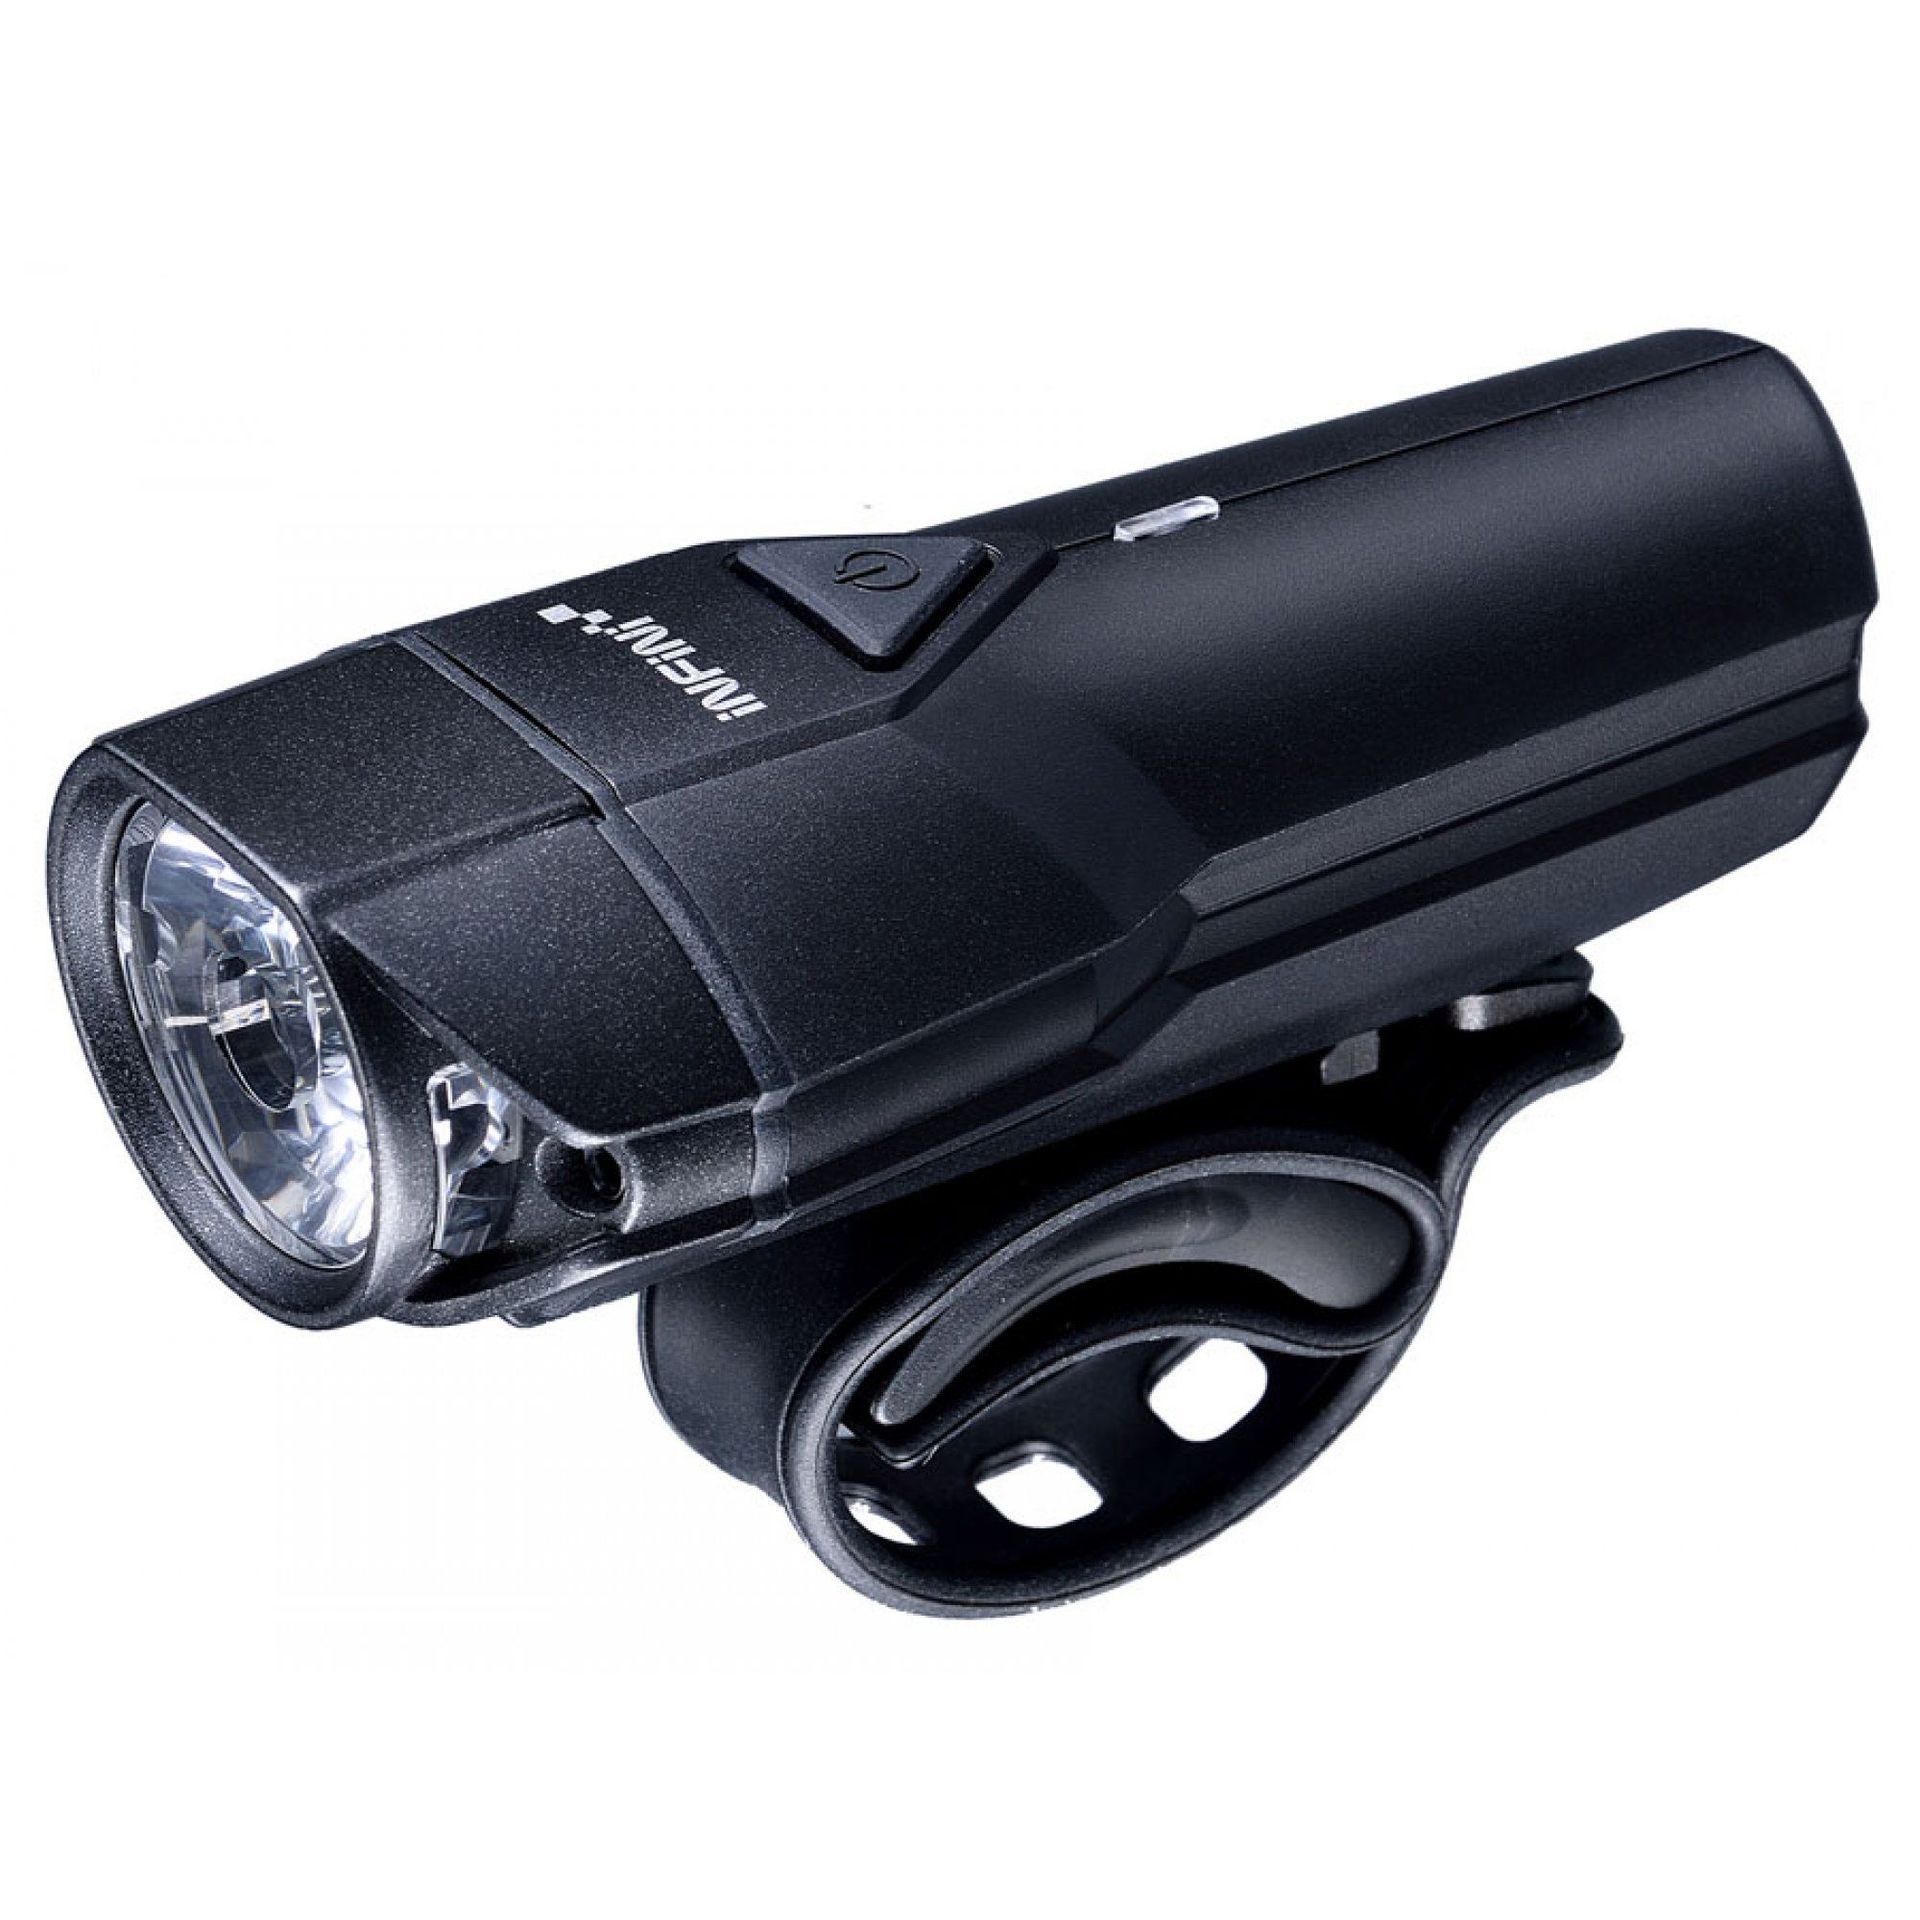 LAMPKA ROWEROWA PRZEDNIA INFINI LAVA 500 10W